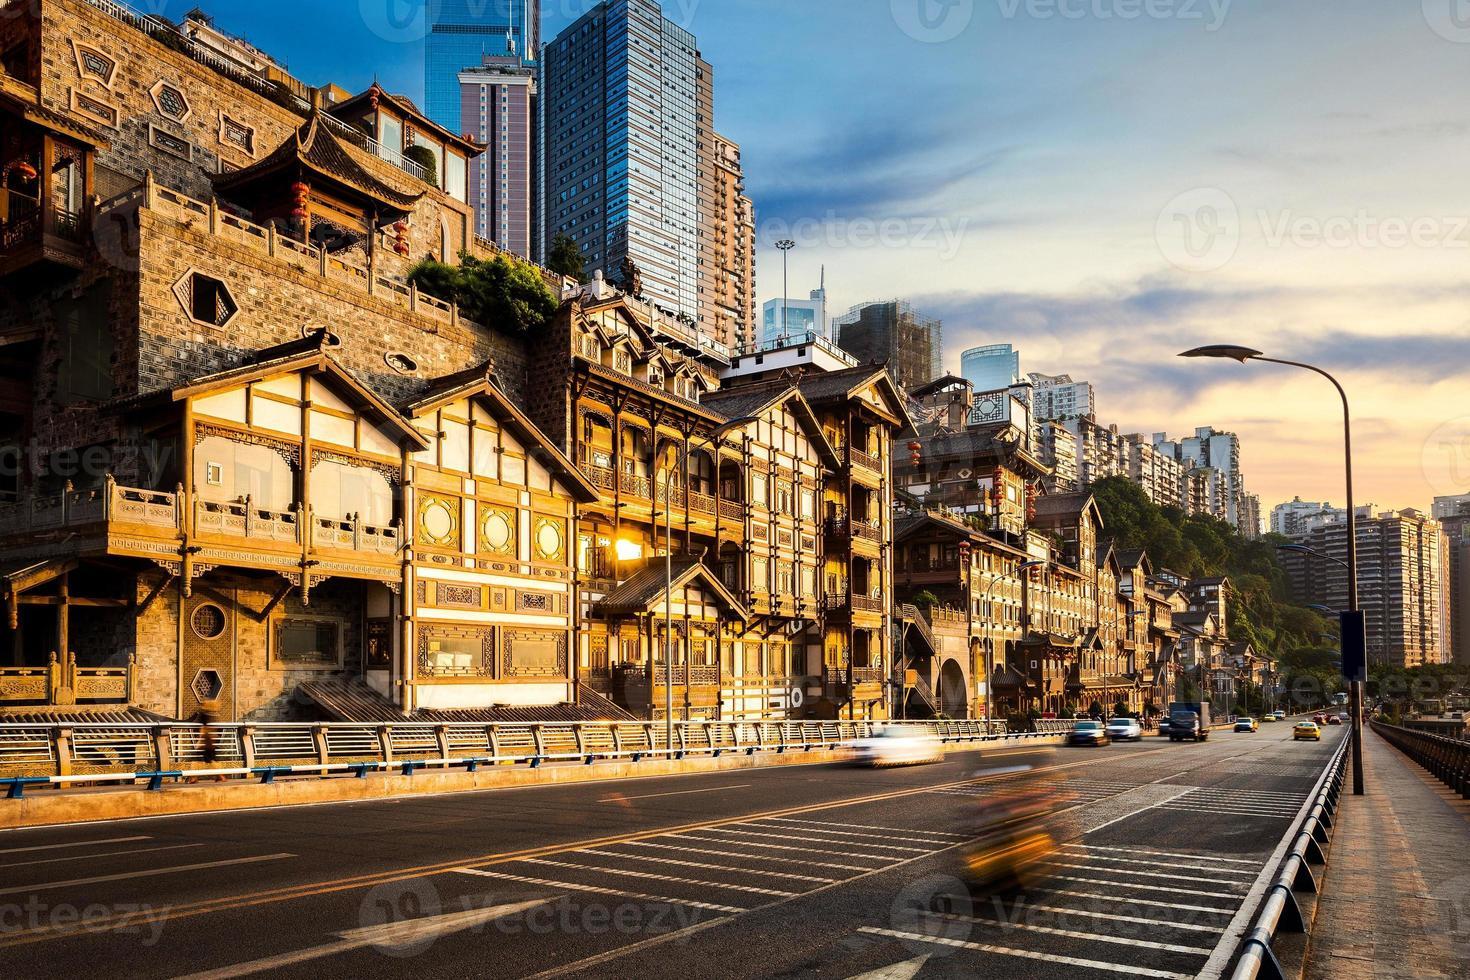 moderna strada pedonale a chongqing foto